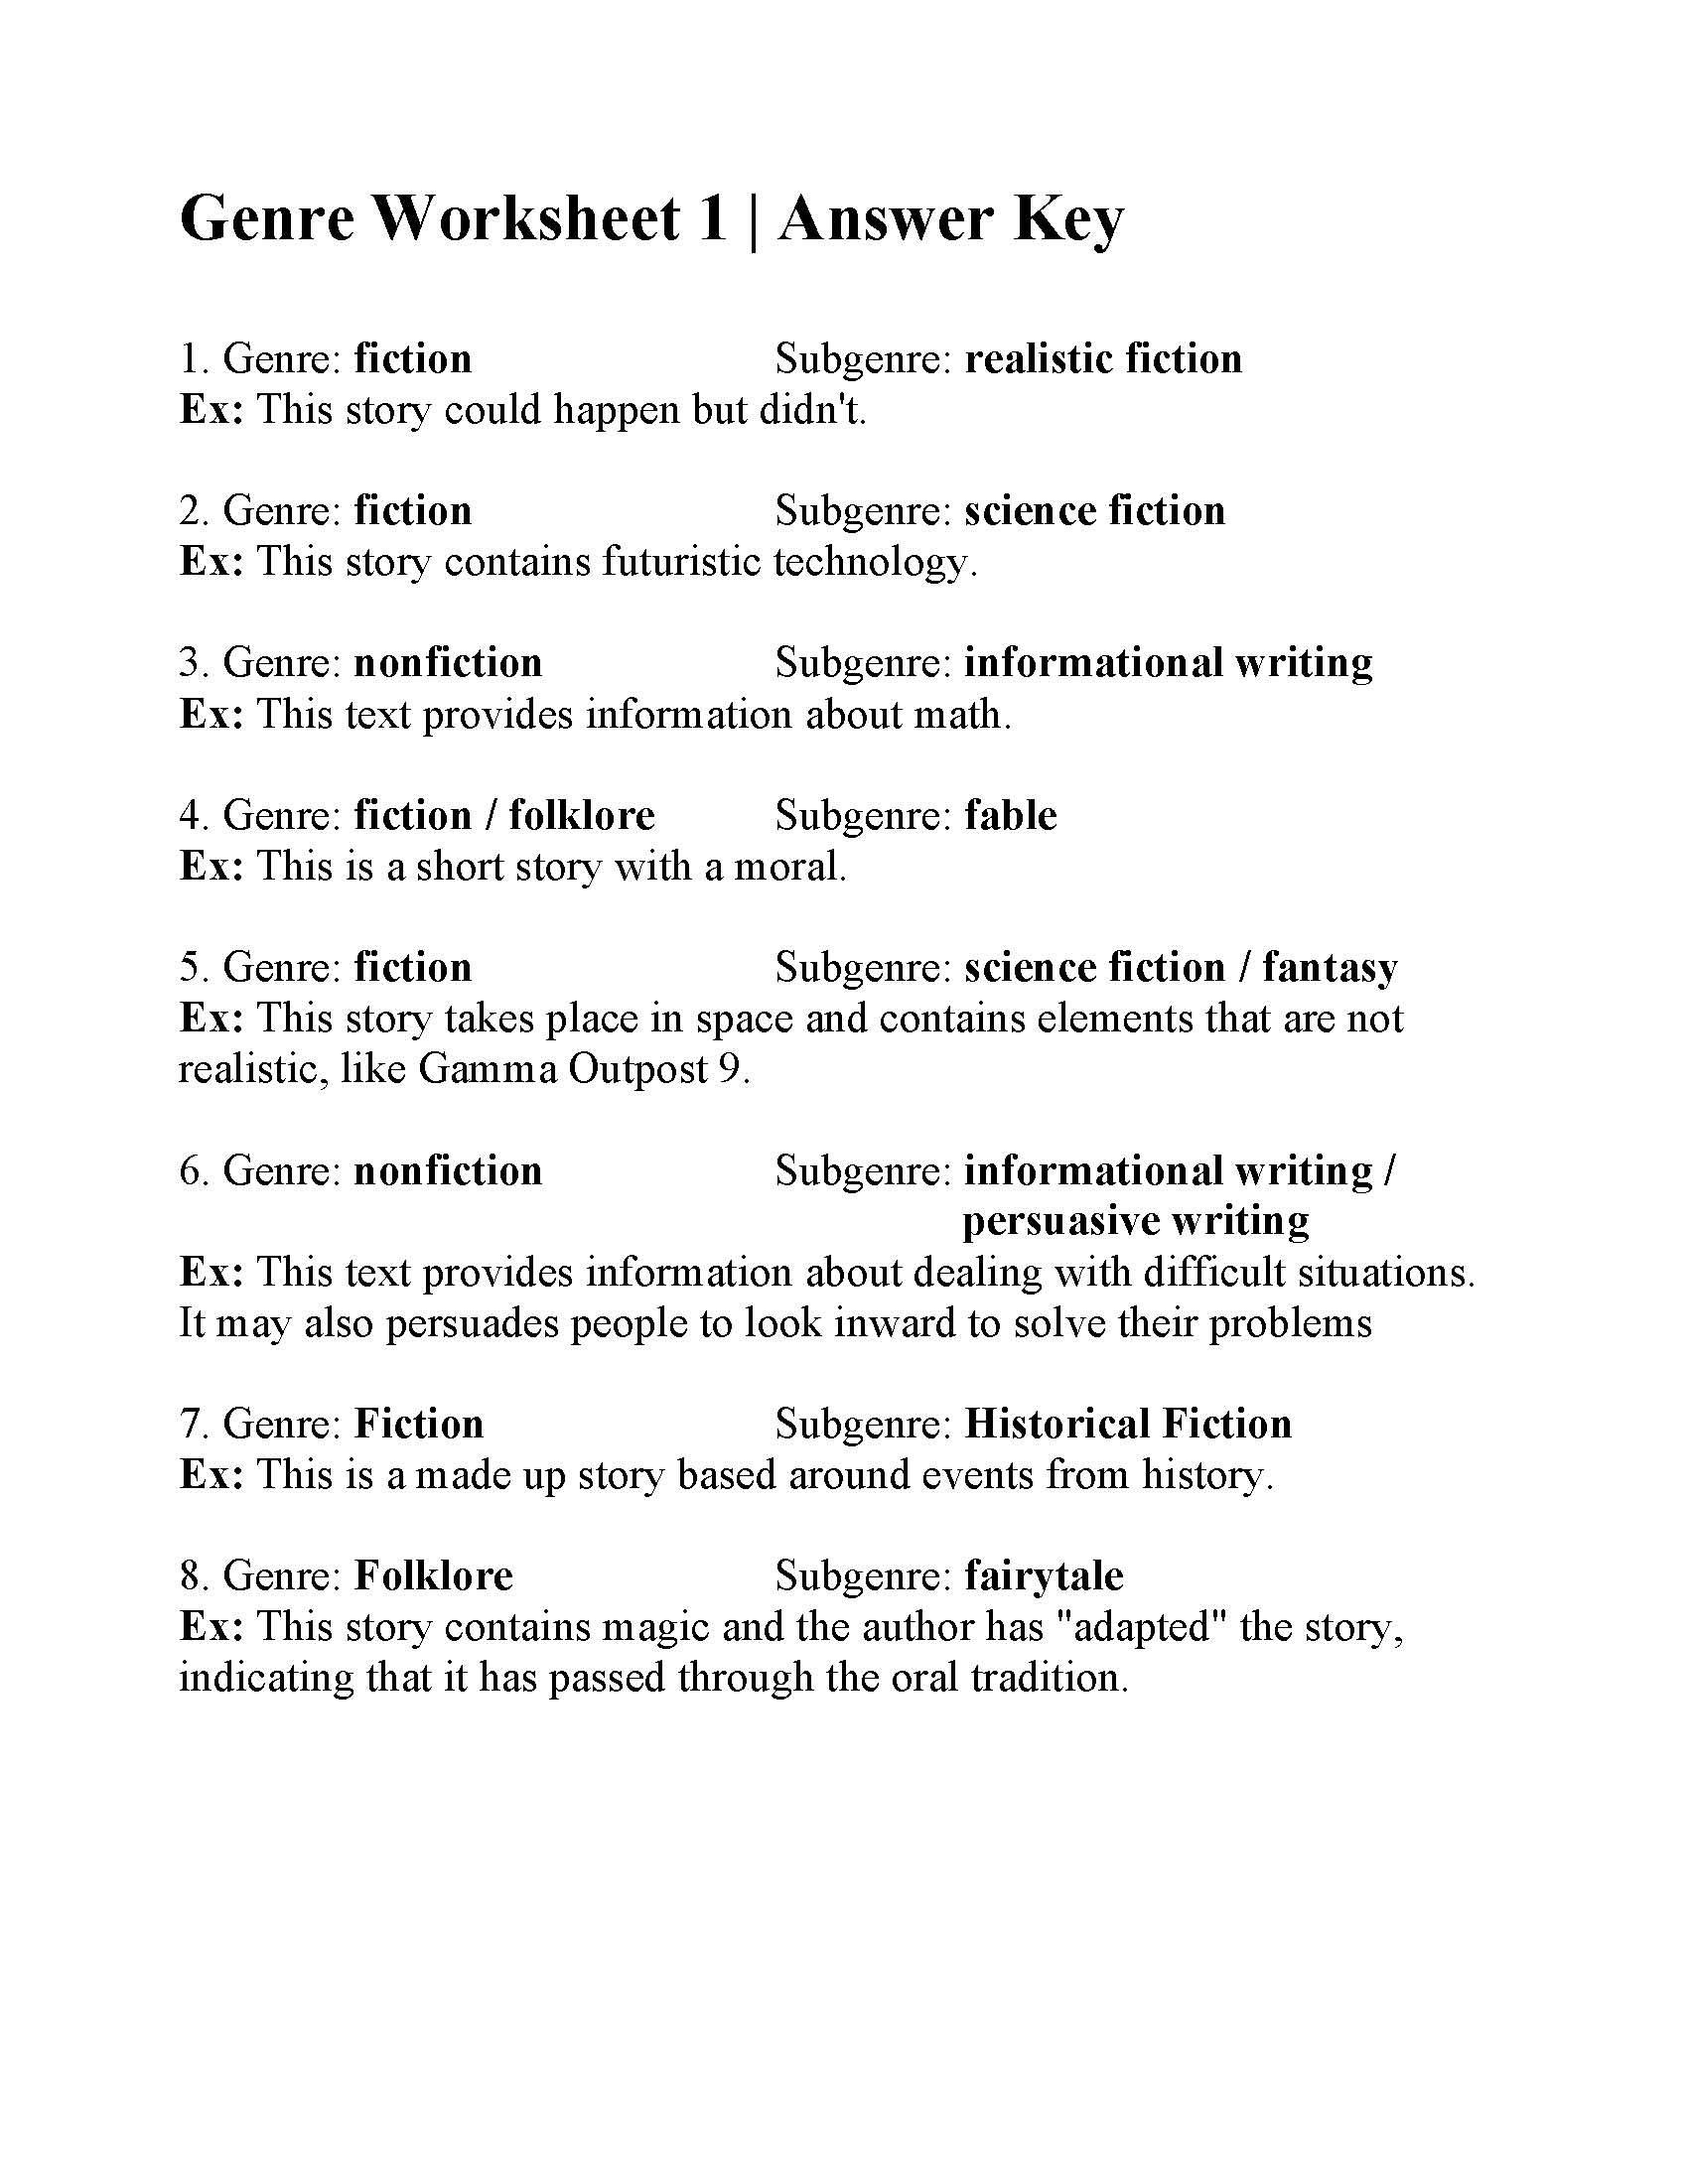 Genre Worksheets 4th Grade Genres Literature Worksheets